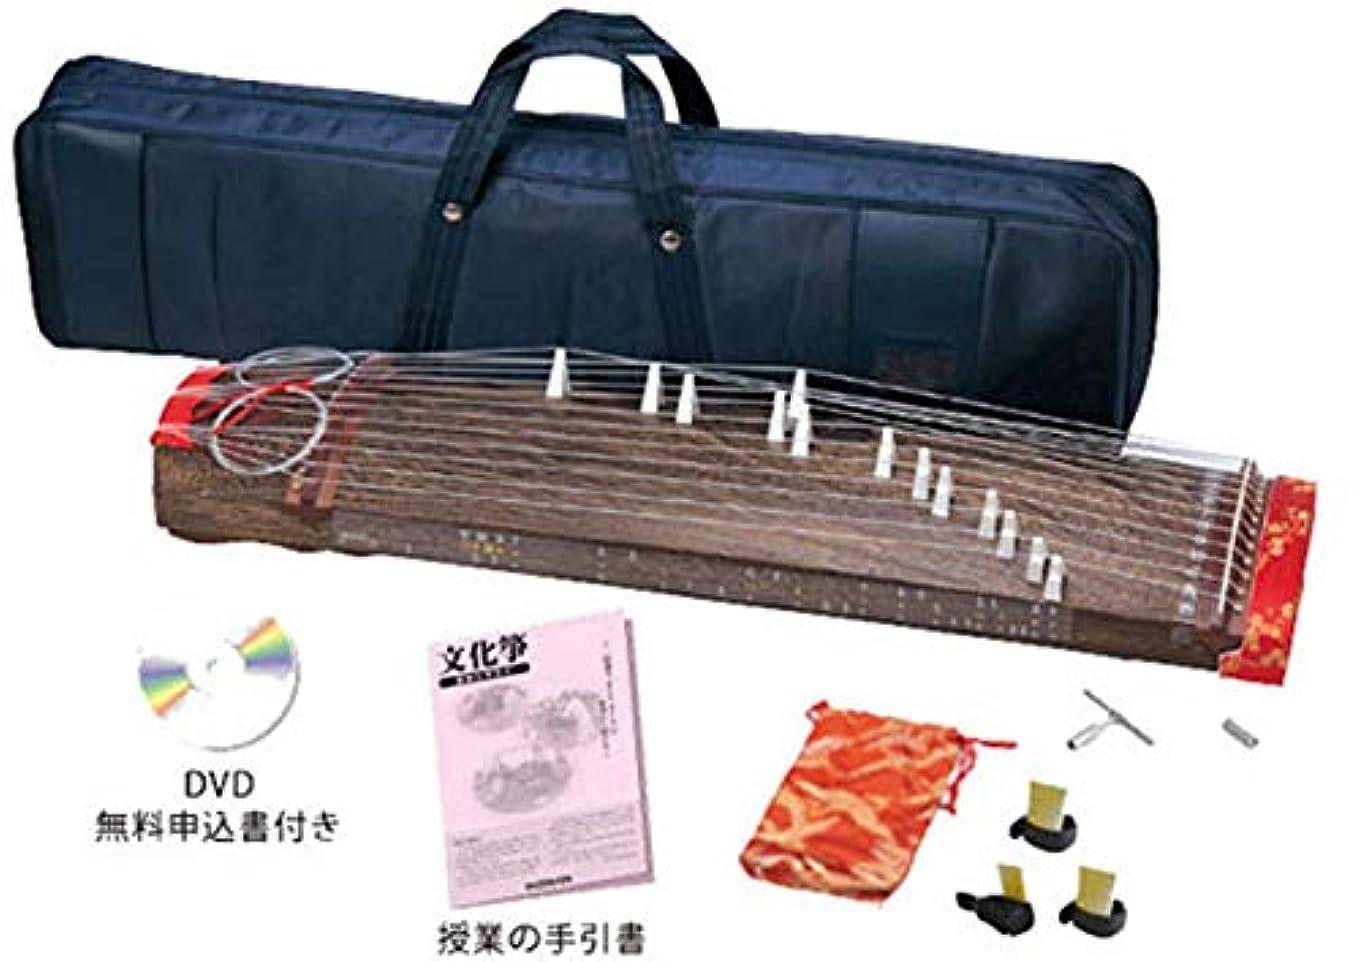 馬鹿げた心配カウンターパート文化箏羽衣 学校教育用 ZK-05(立柱ケースケース仕様)